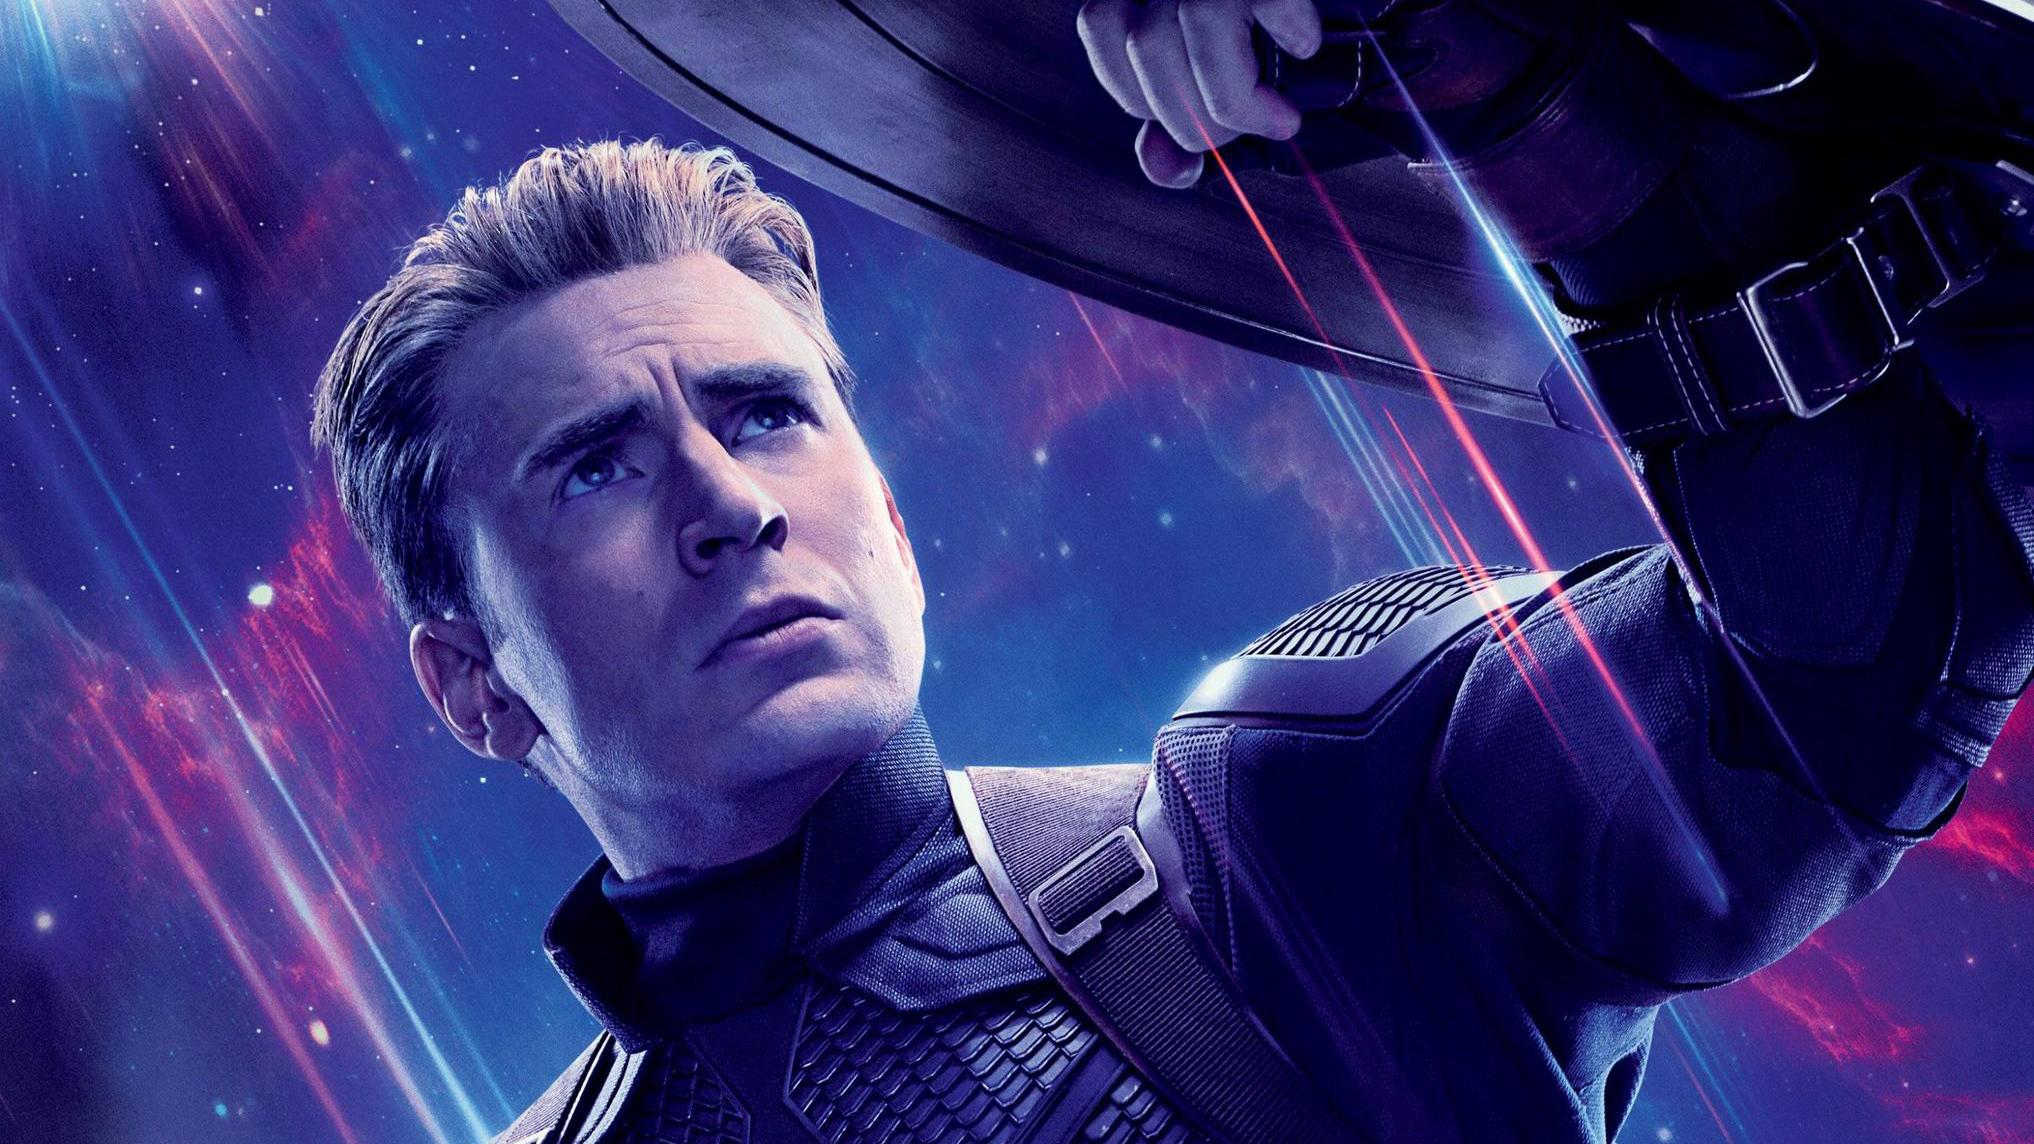 Captain America Avengers Endgame Wallpapers Wallpaper Cave